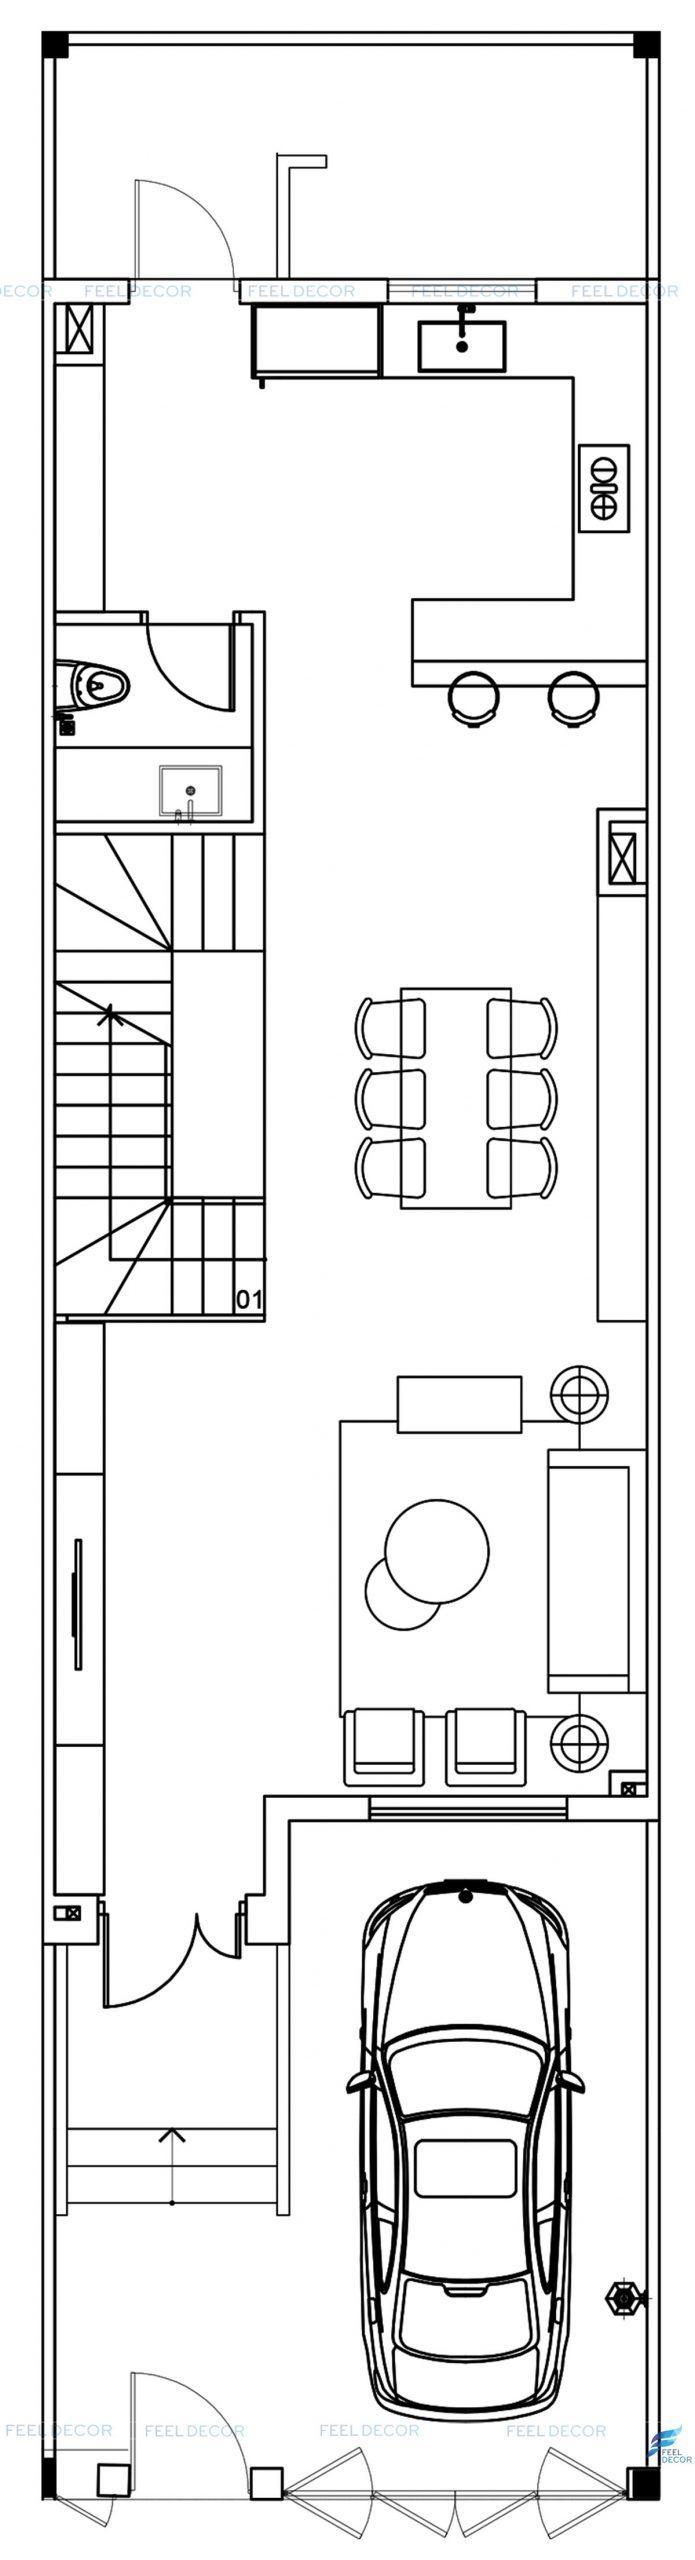 Hình ảnh 3D thiết kế nội thất nhà phố LakeView quận 2